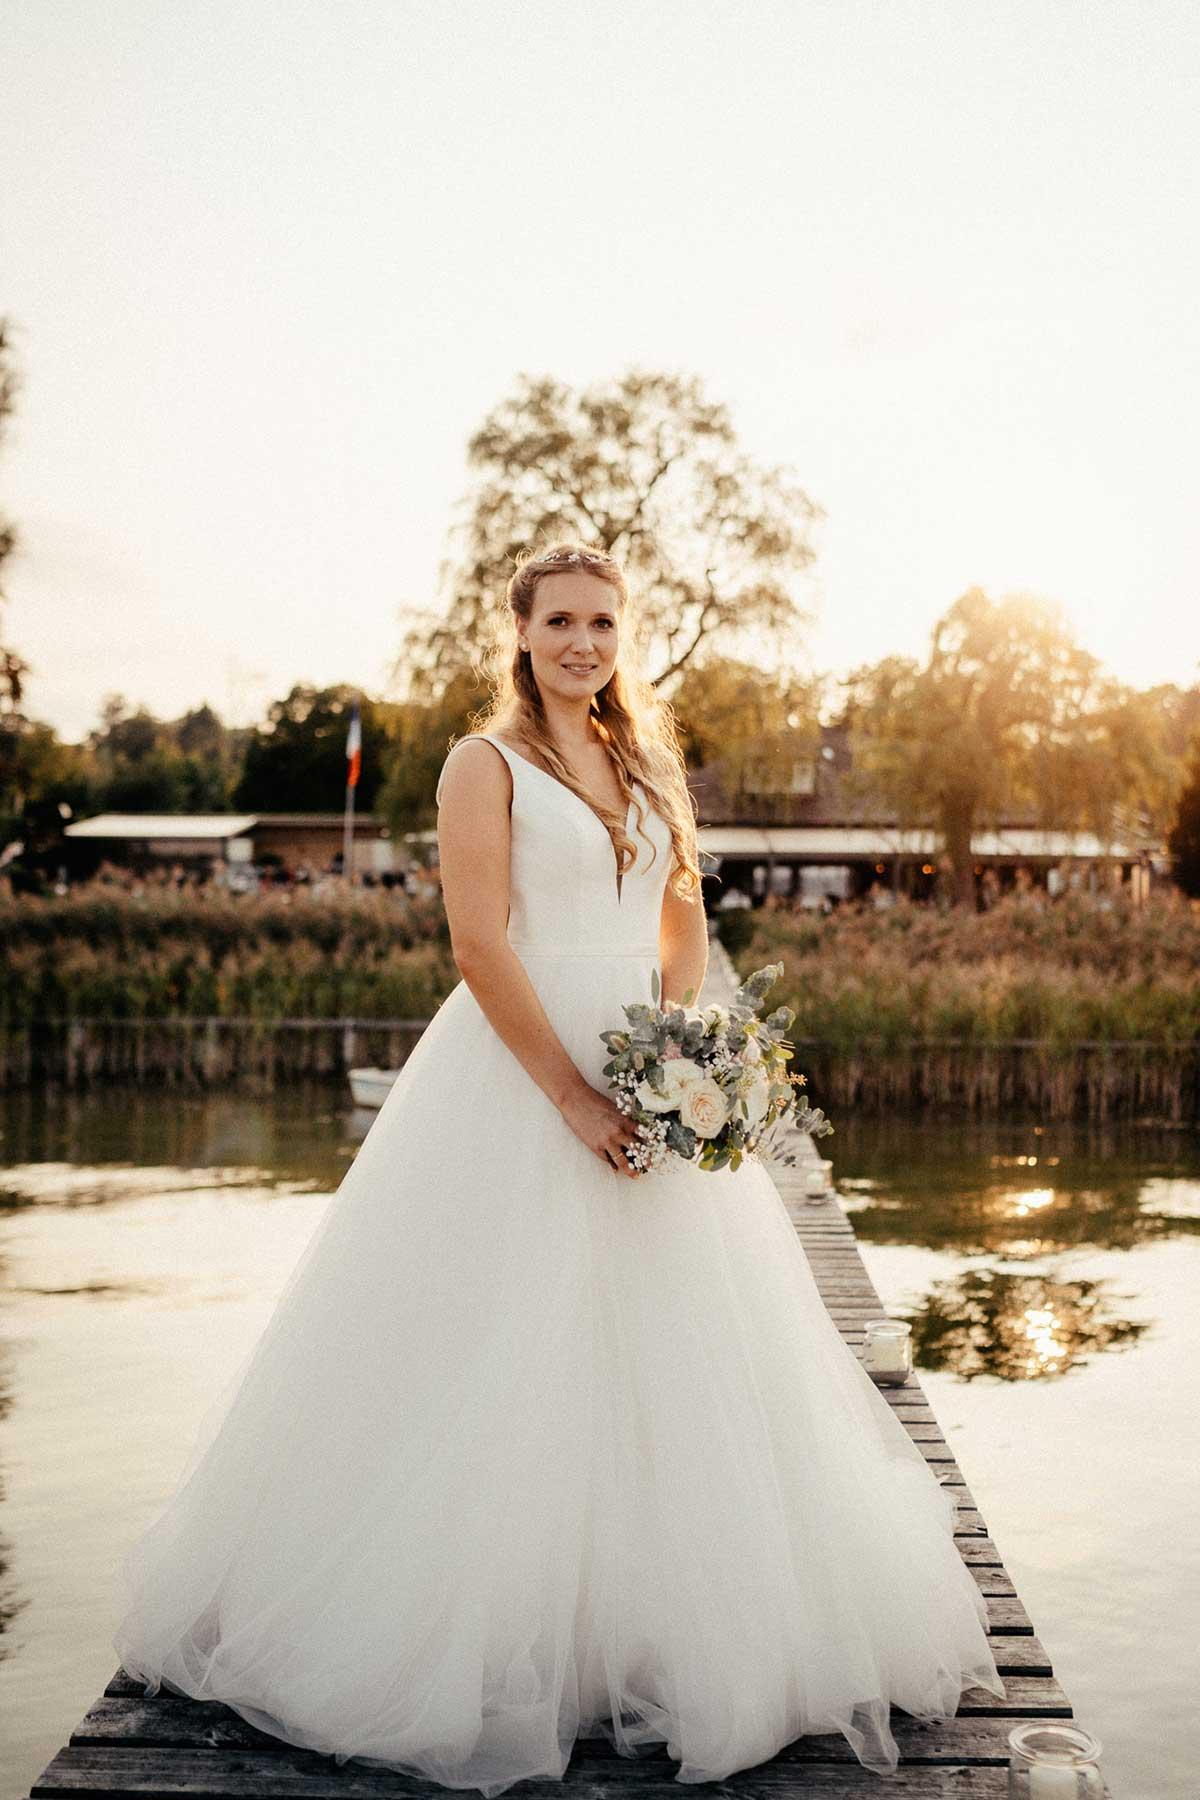 Braut mit ihrem Brautstrauß im Greenery Stil